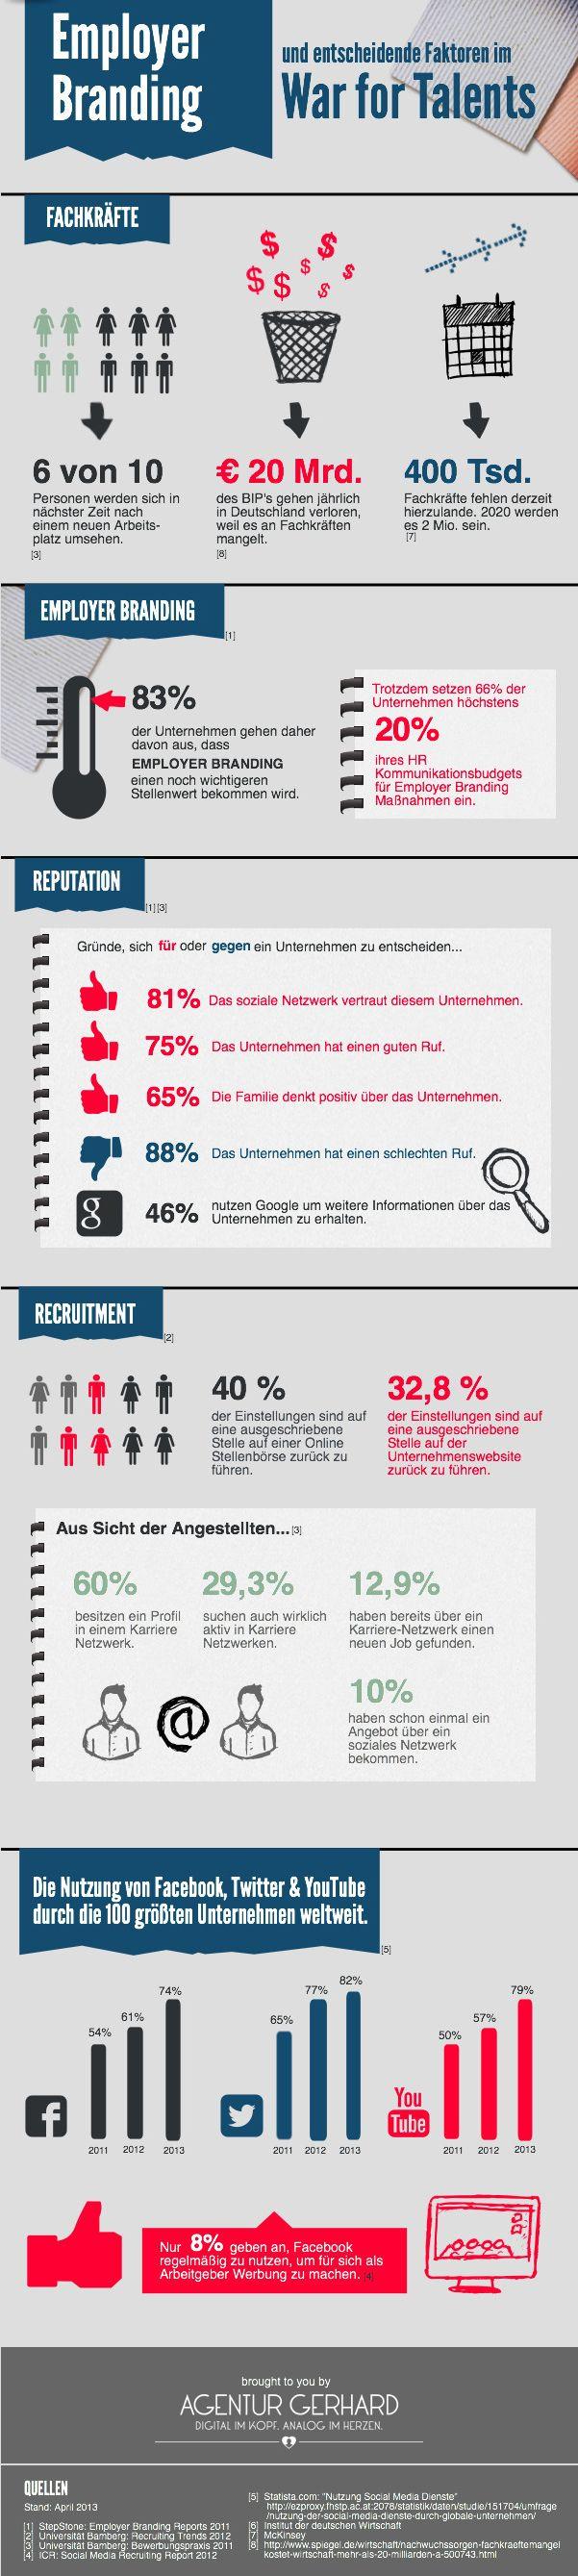 Employer Branding und entscheidende Faktoren. Gute #Infografik! #HR